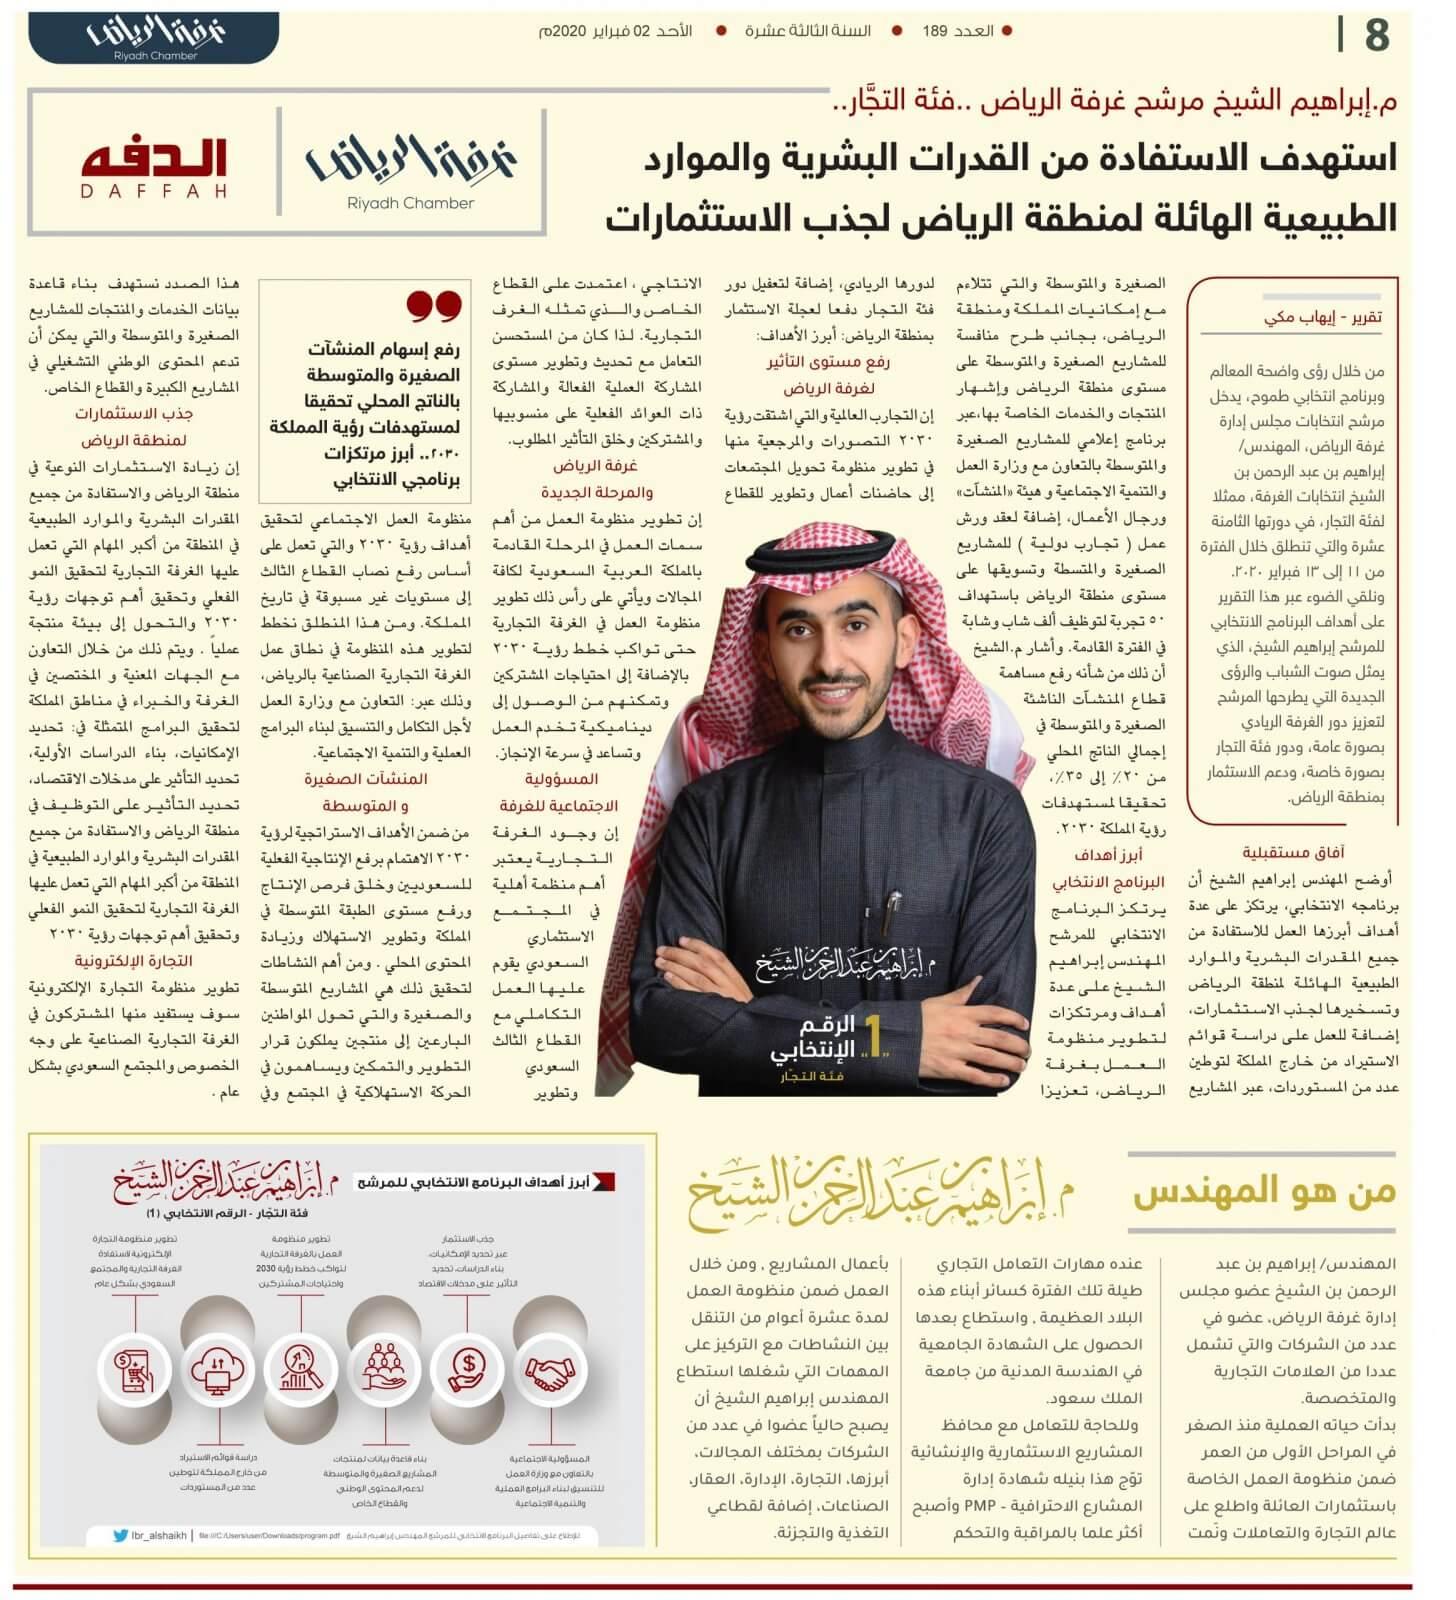 ابراهيم الشيخ مشاريع استثمارية